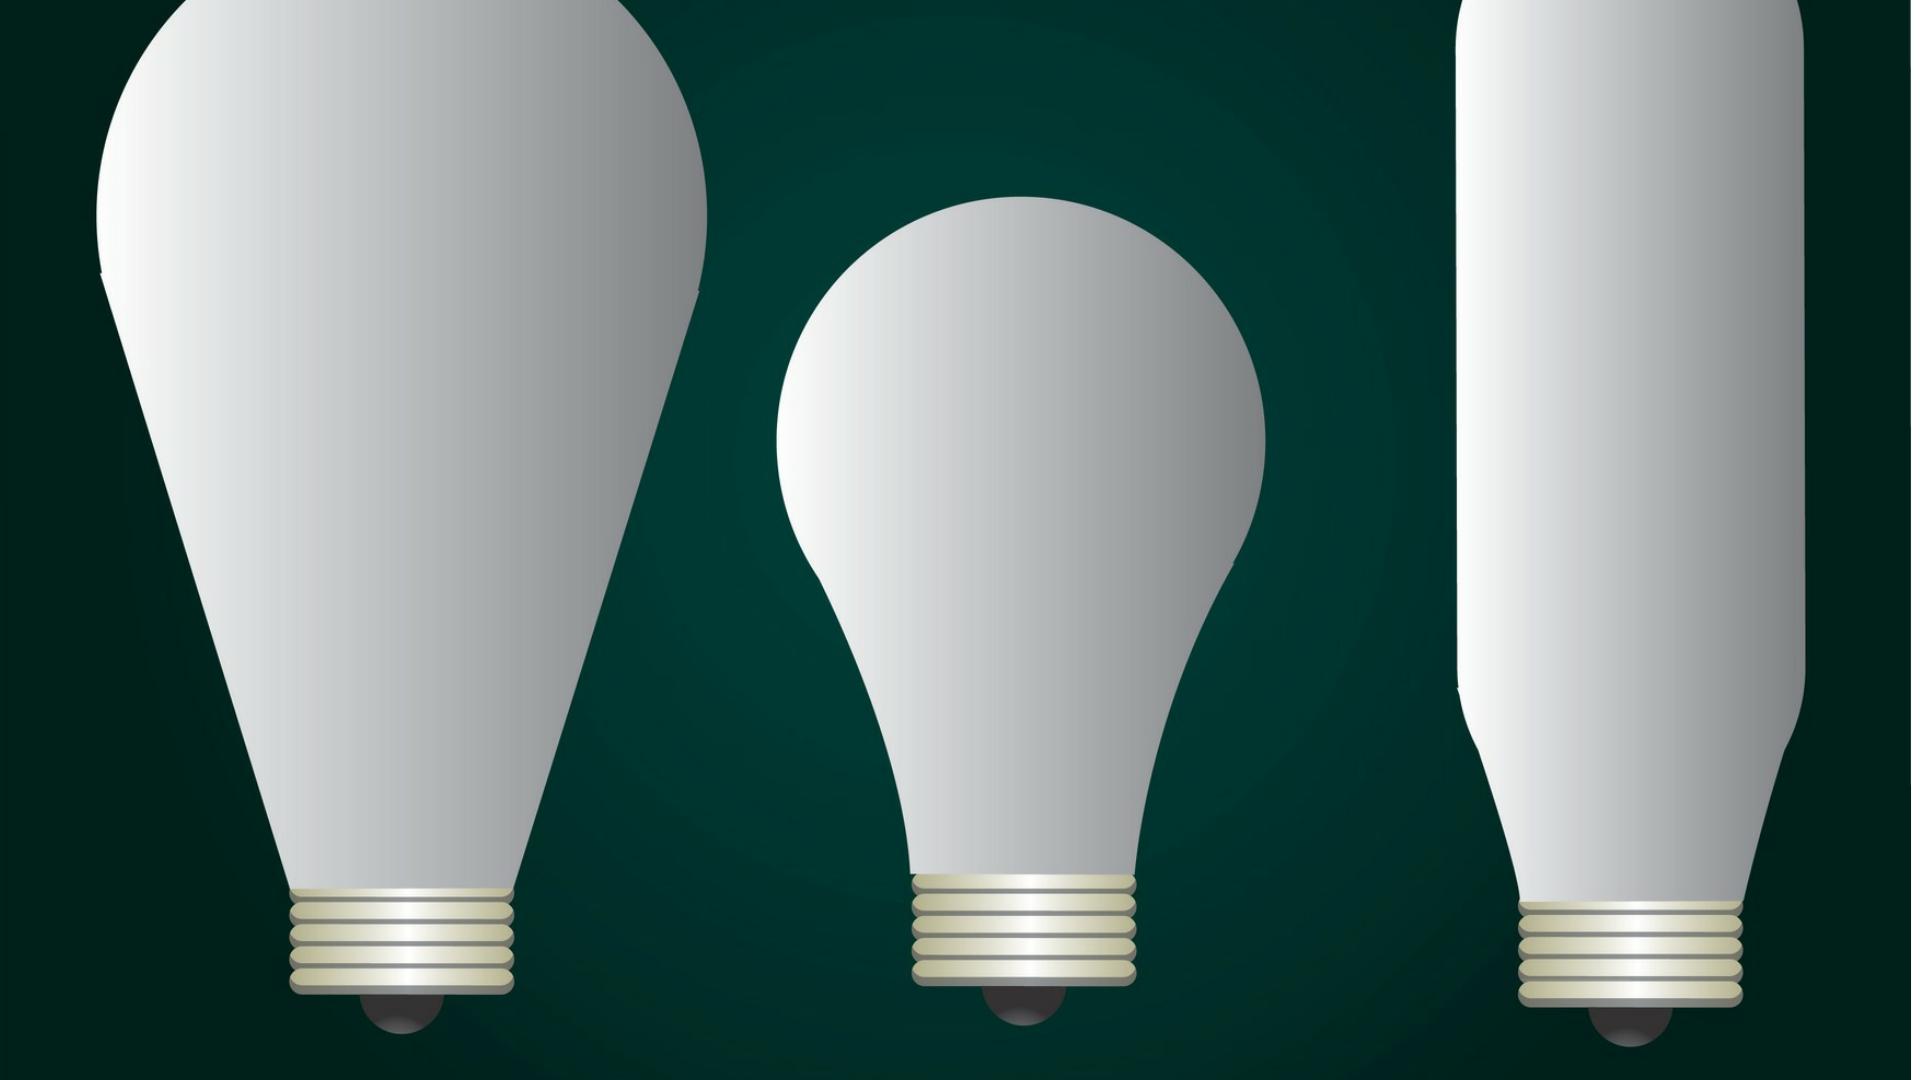 Besparen met energiezuinige lampen